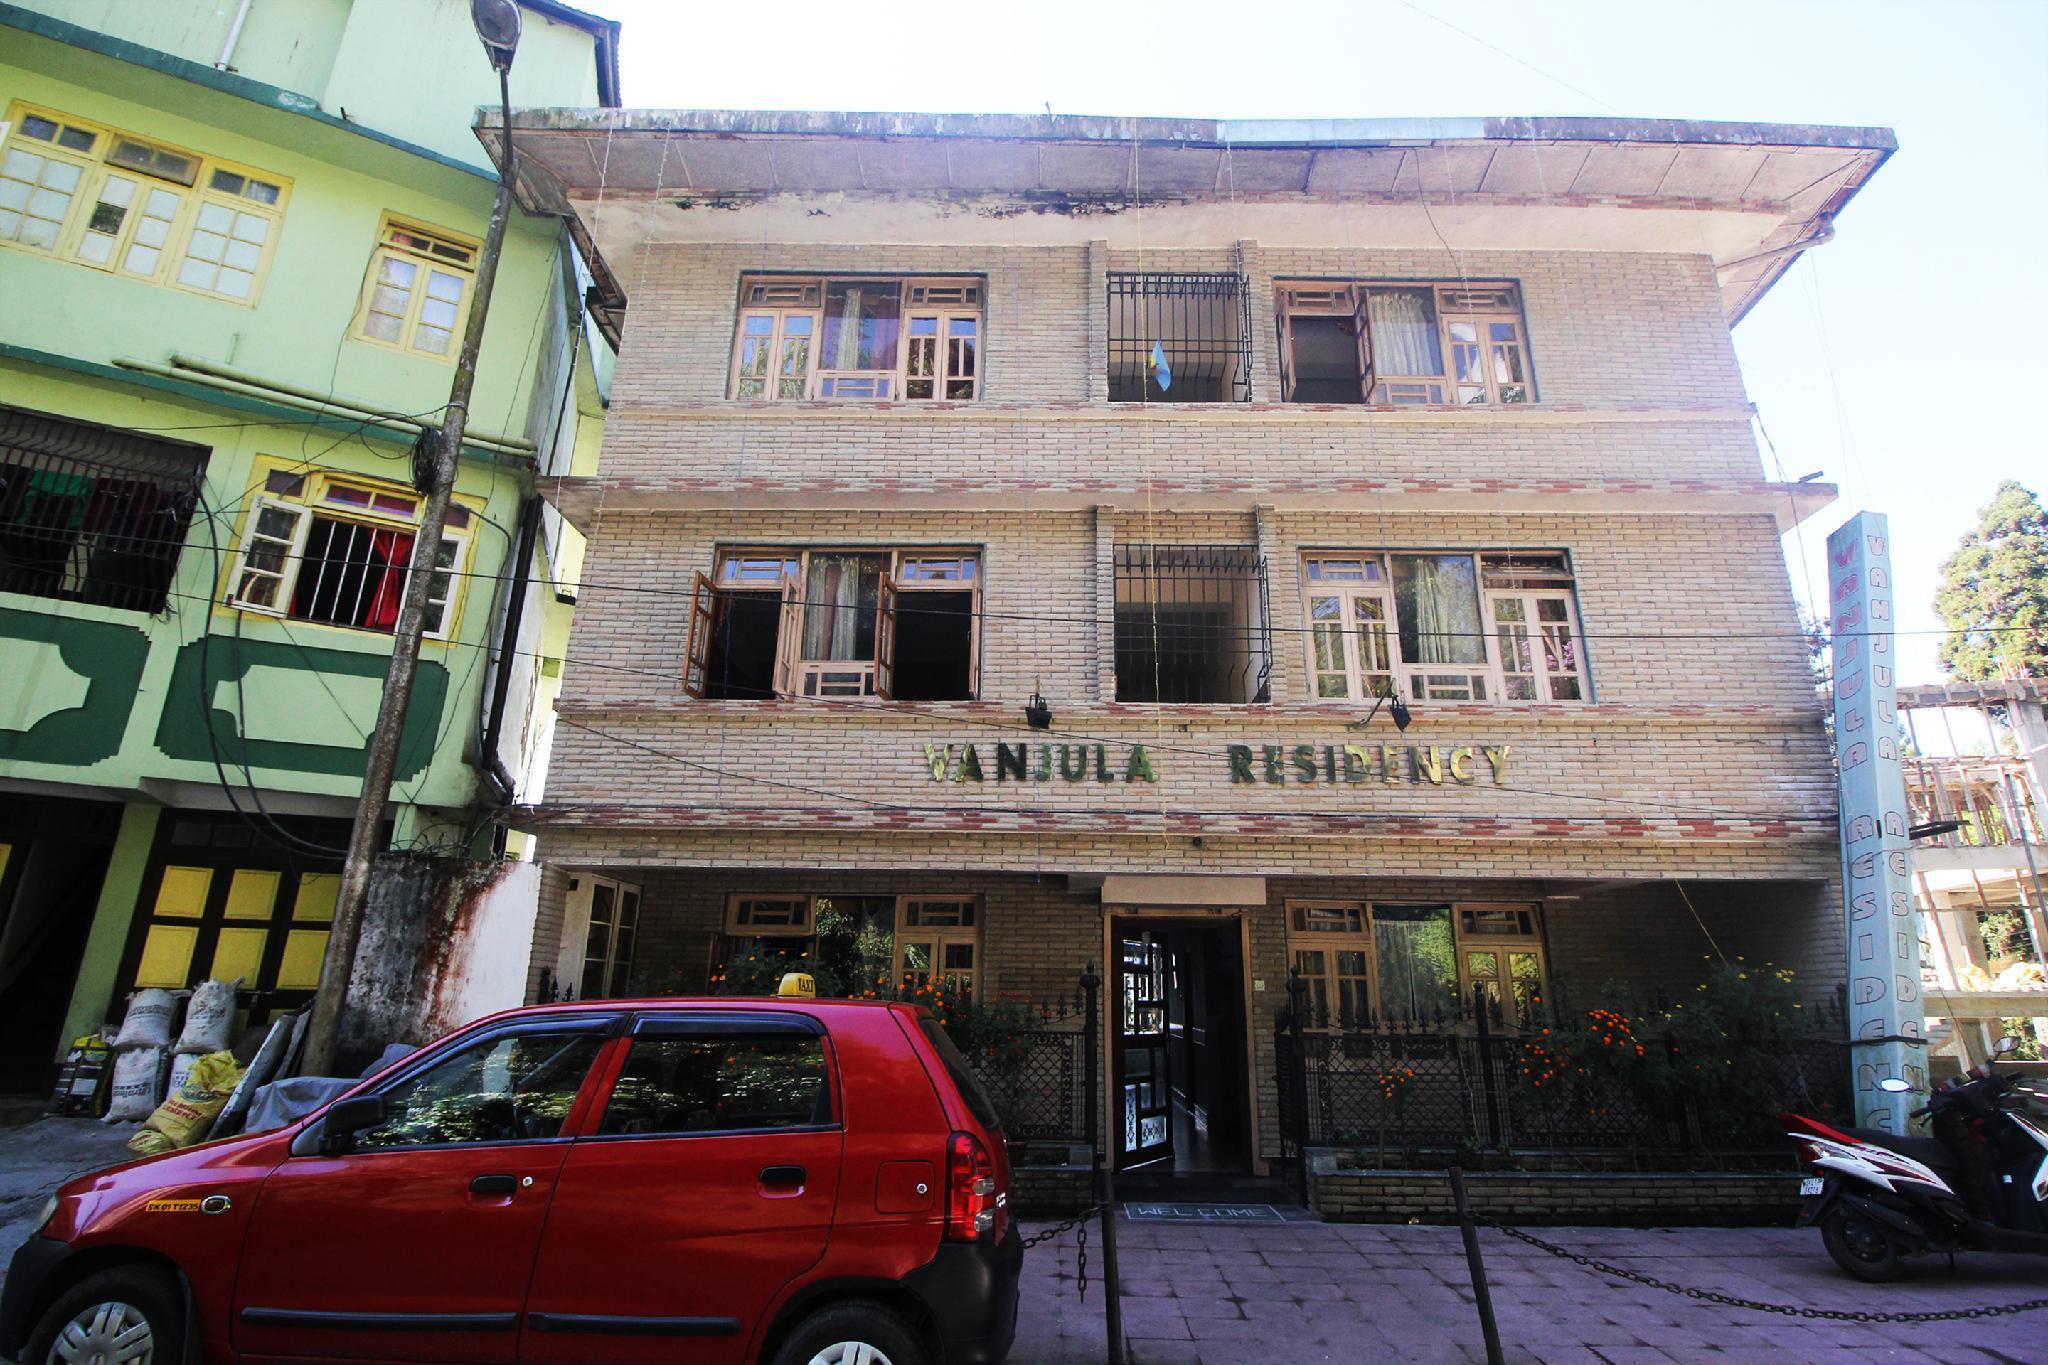 OYO 10587 Vanjula Residency